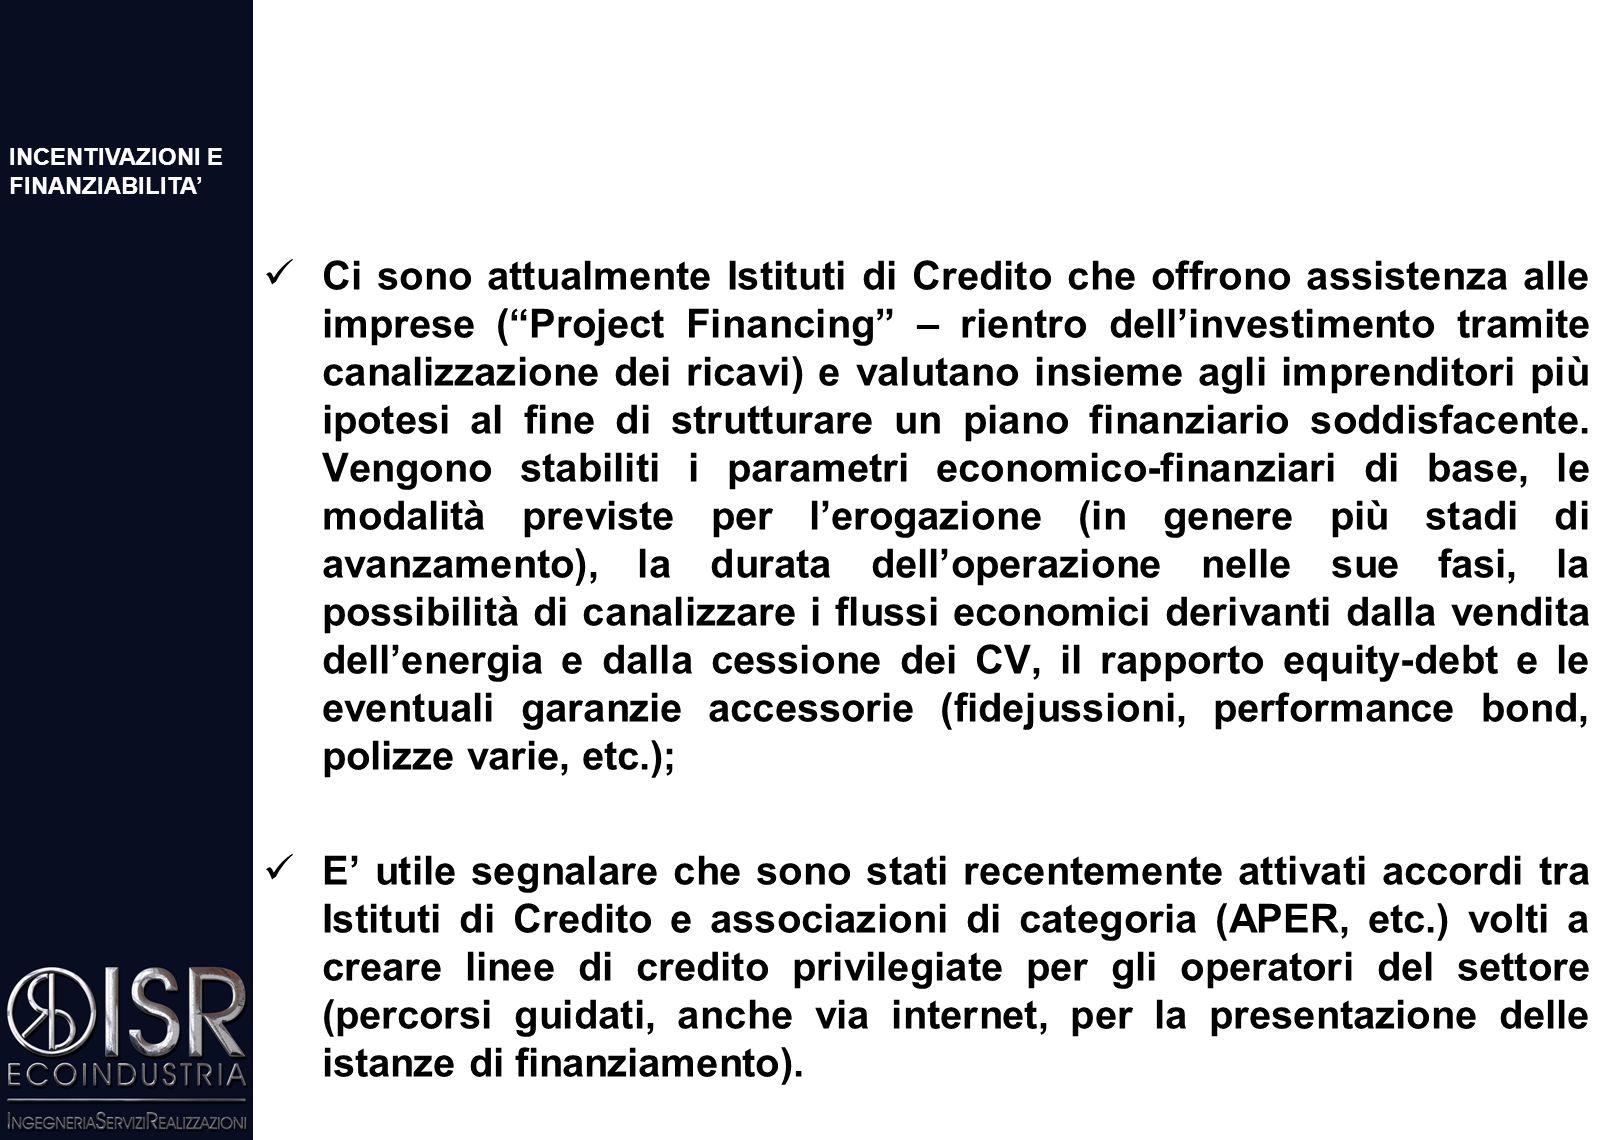 Nel complesso è evidente uno scollamento tra i vari incentivi e sarebbe auspicabile una revisione organica del quadro generale per offrire maggiori certezze agli investitori (es.